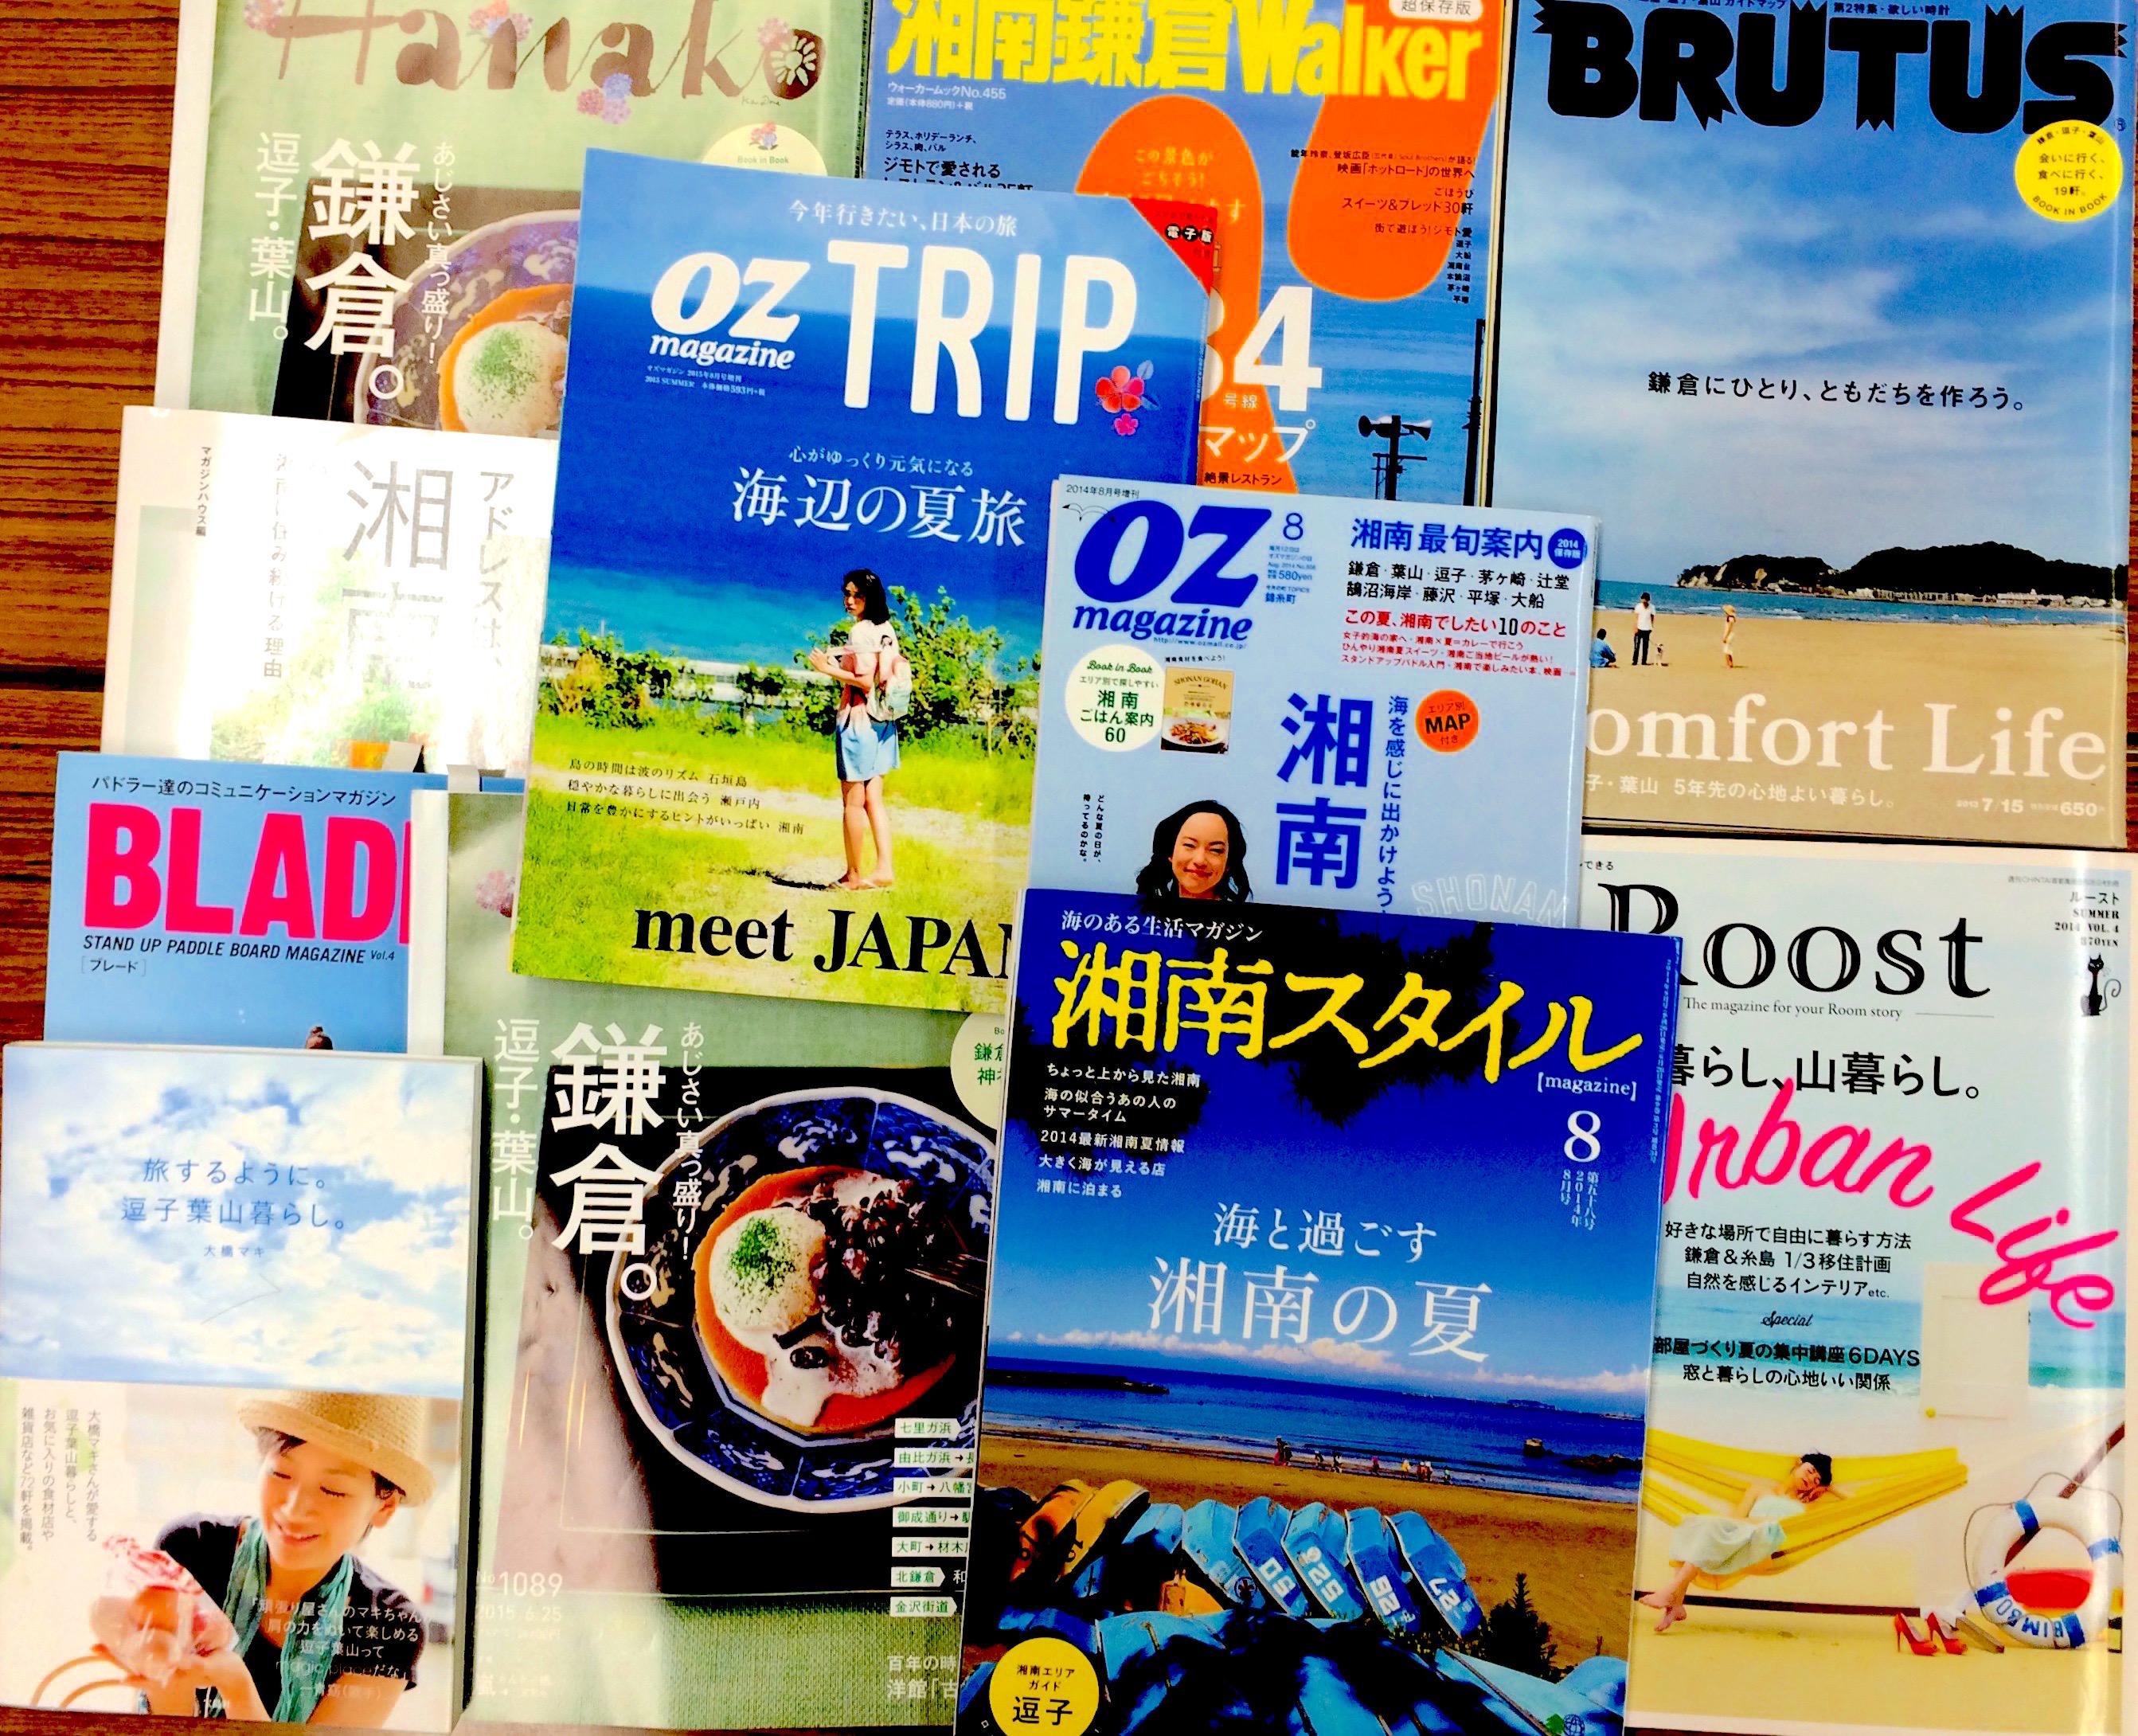 逗子が載っている雑誌を眺めながら「逗子」を一言で表すキャッチコピーを考えてみた